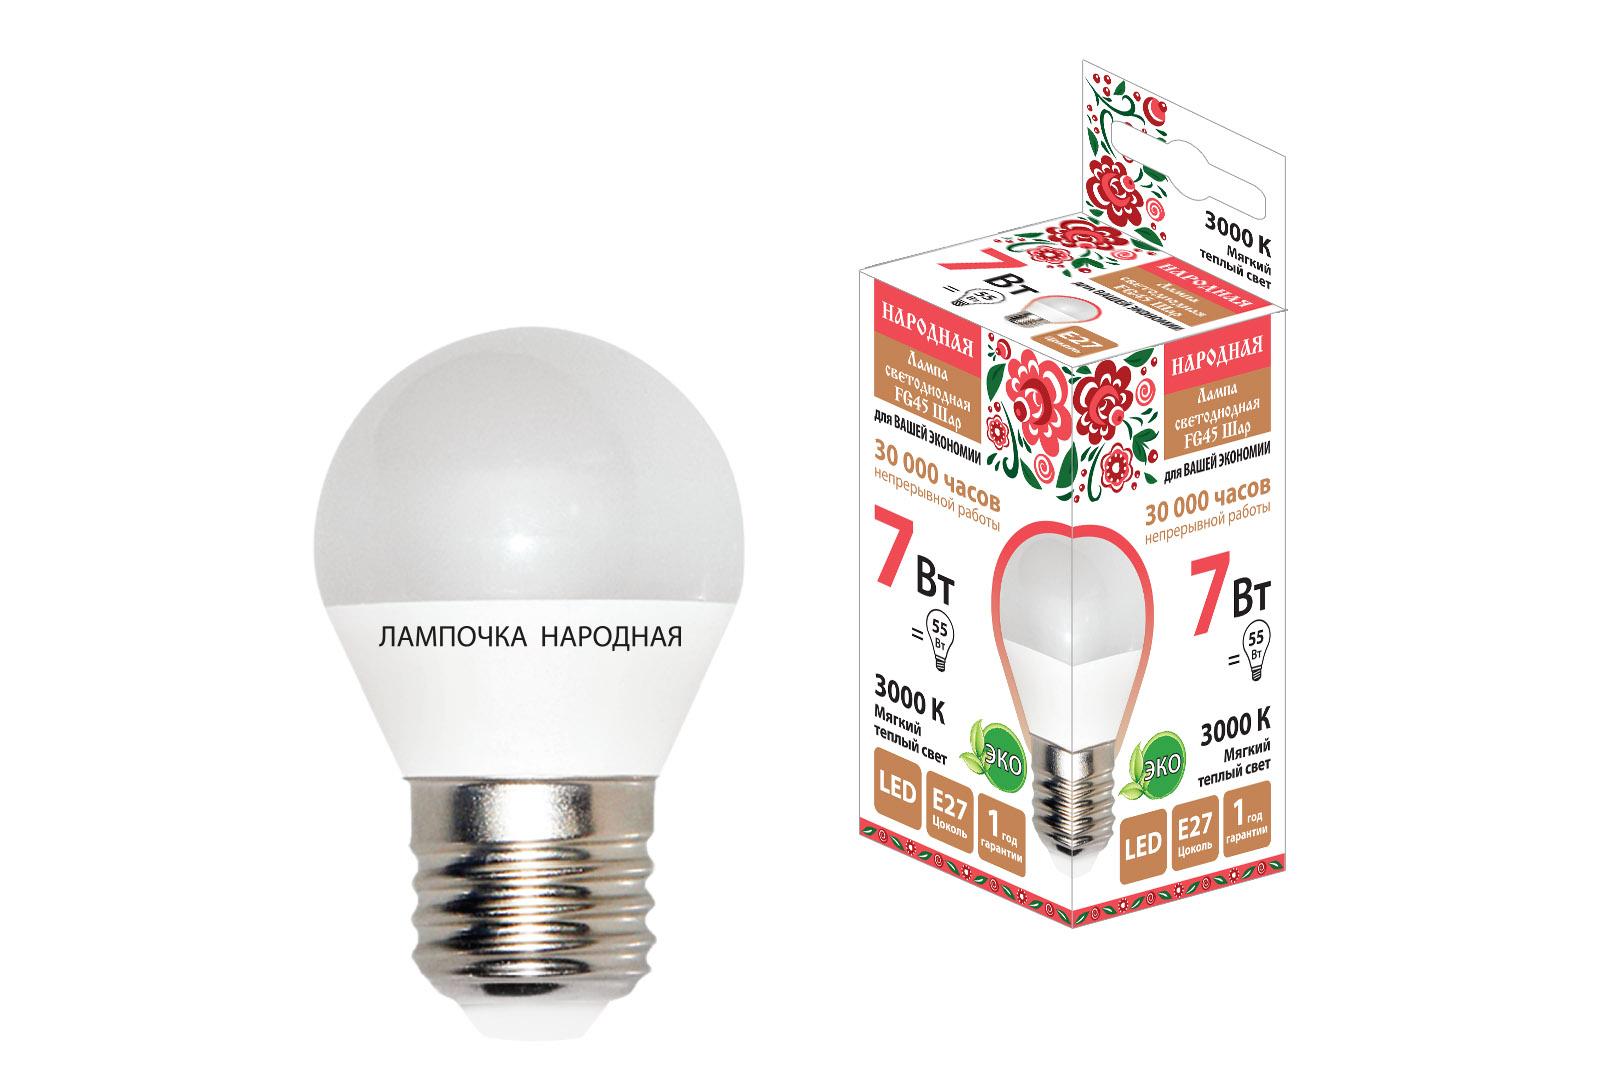 Фото Лампа светодиодная FG45-7 Вт-230 В-3000 К–E27 Народная {SQ0340-0188}